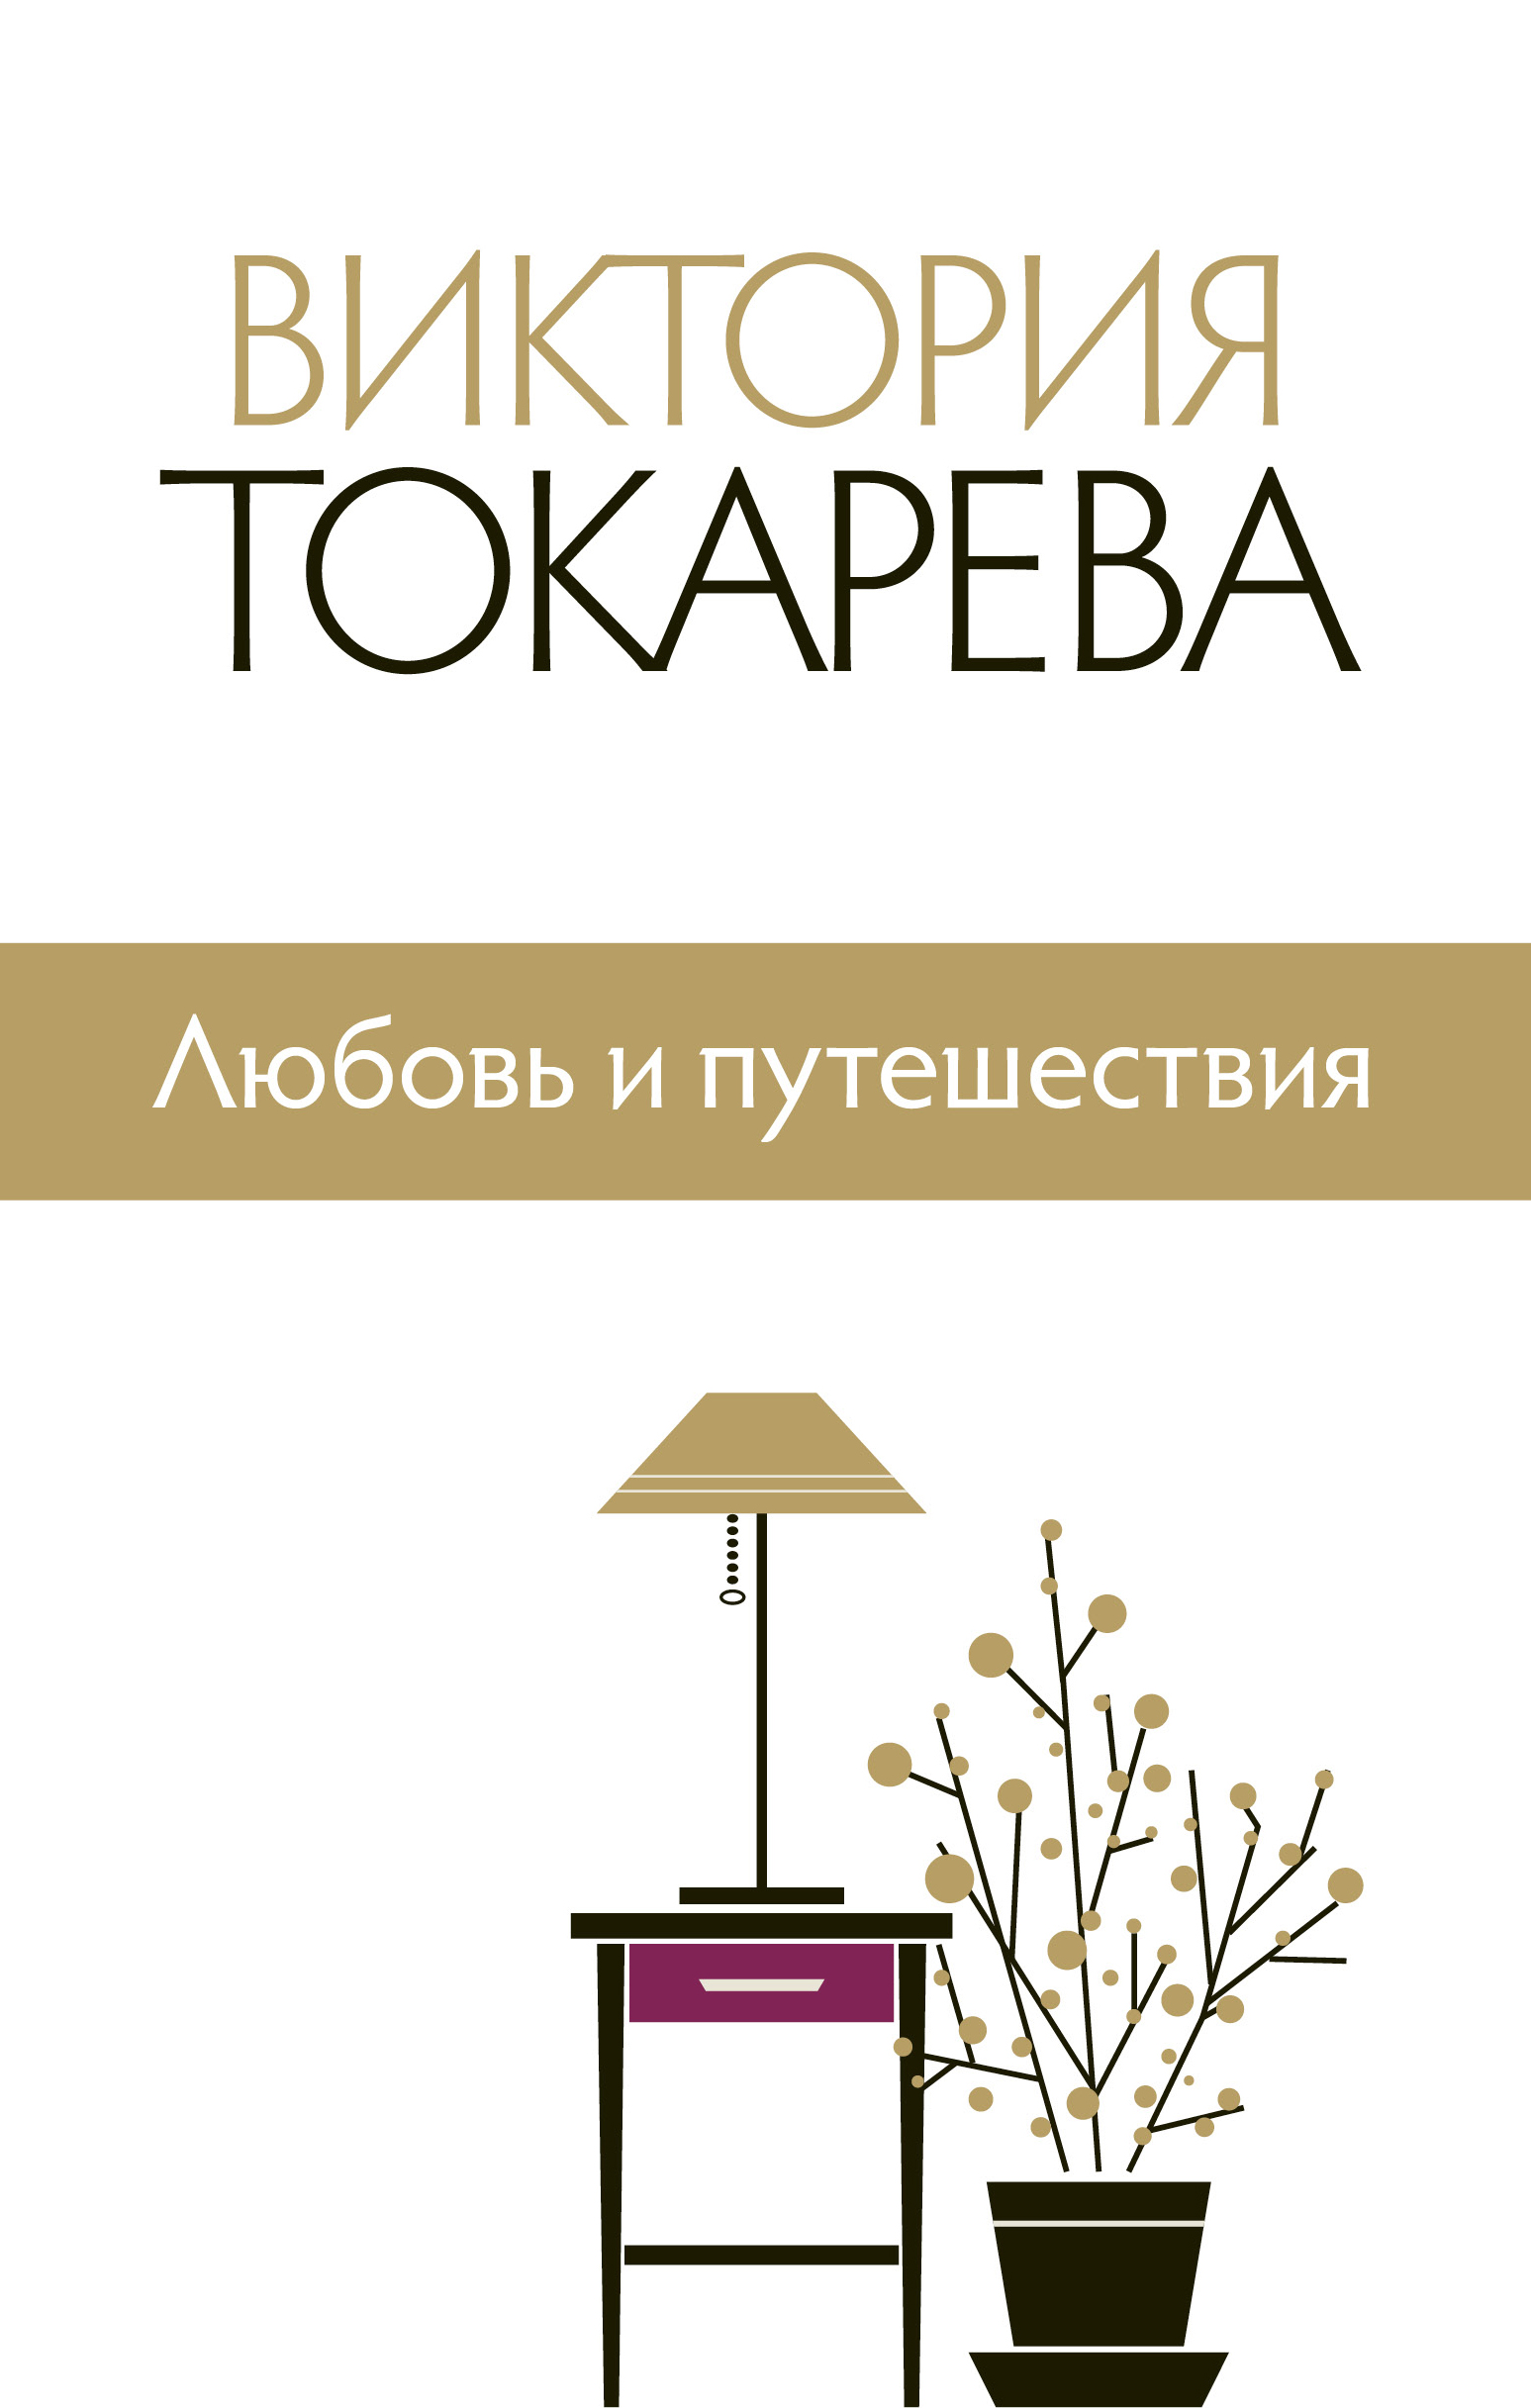 Токарева В.С. Любовь и путешествия киносценарии